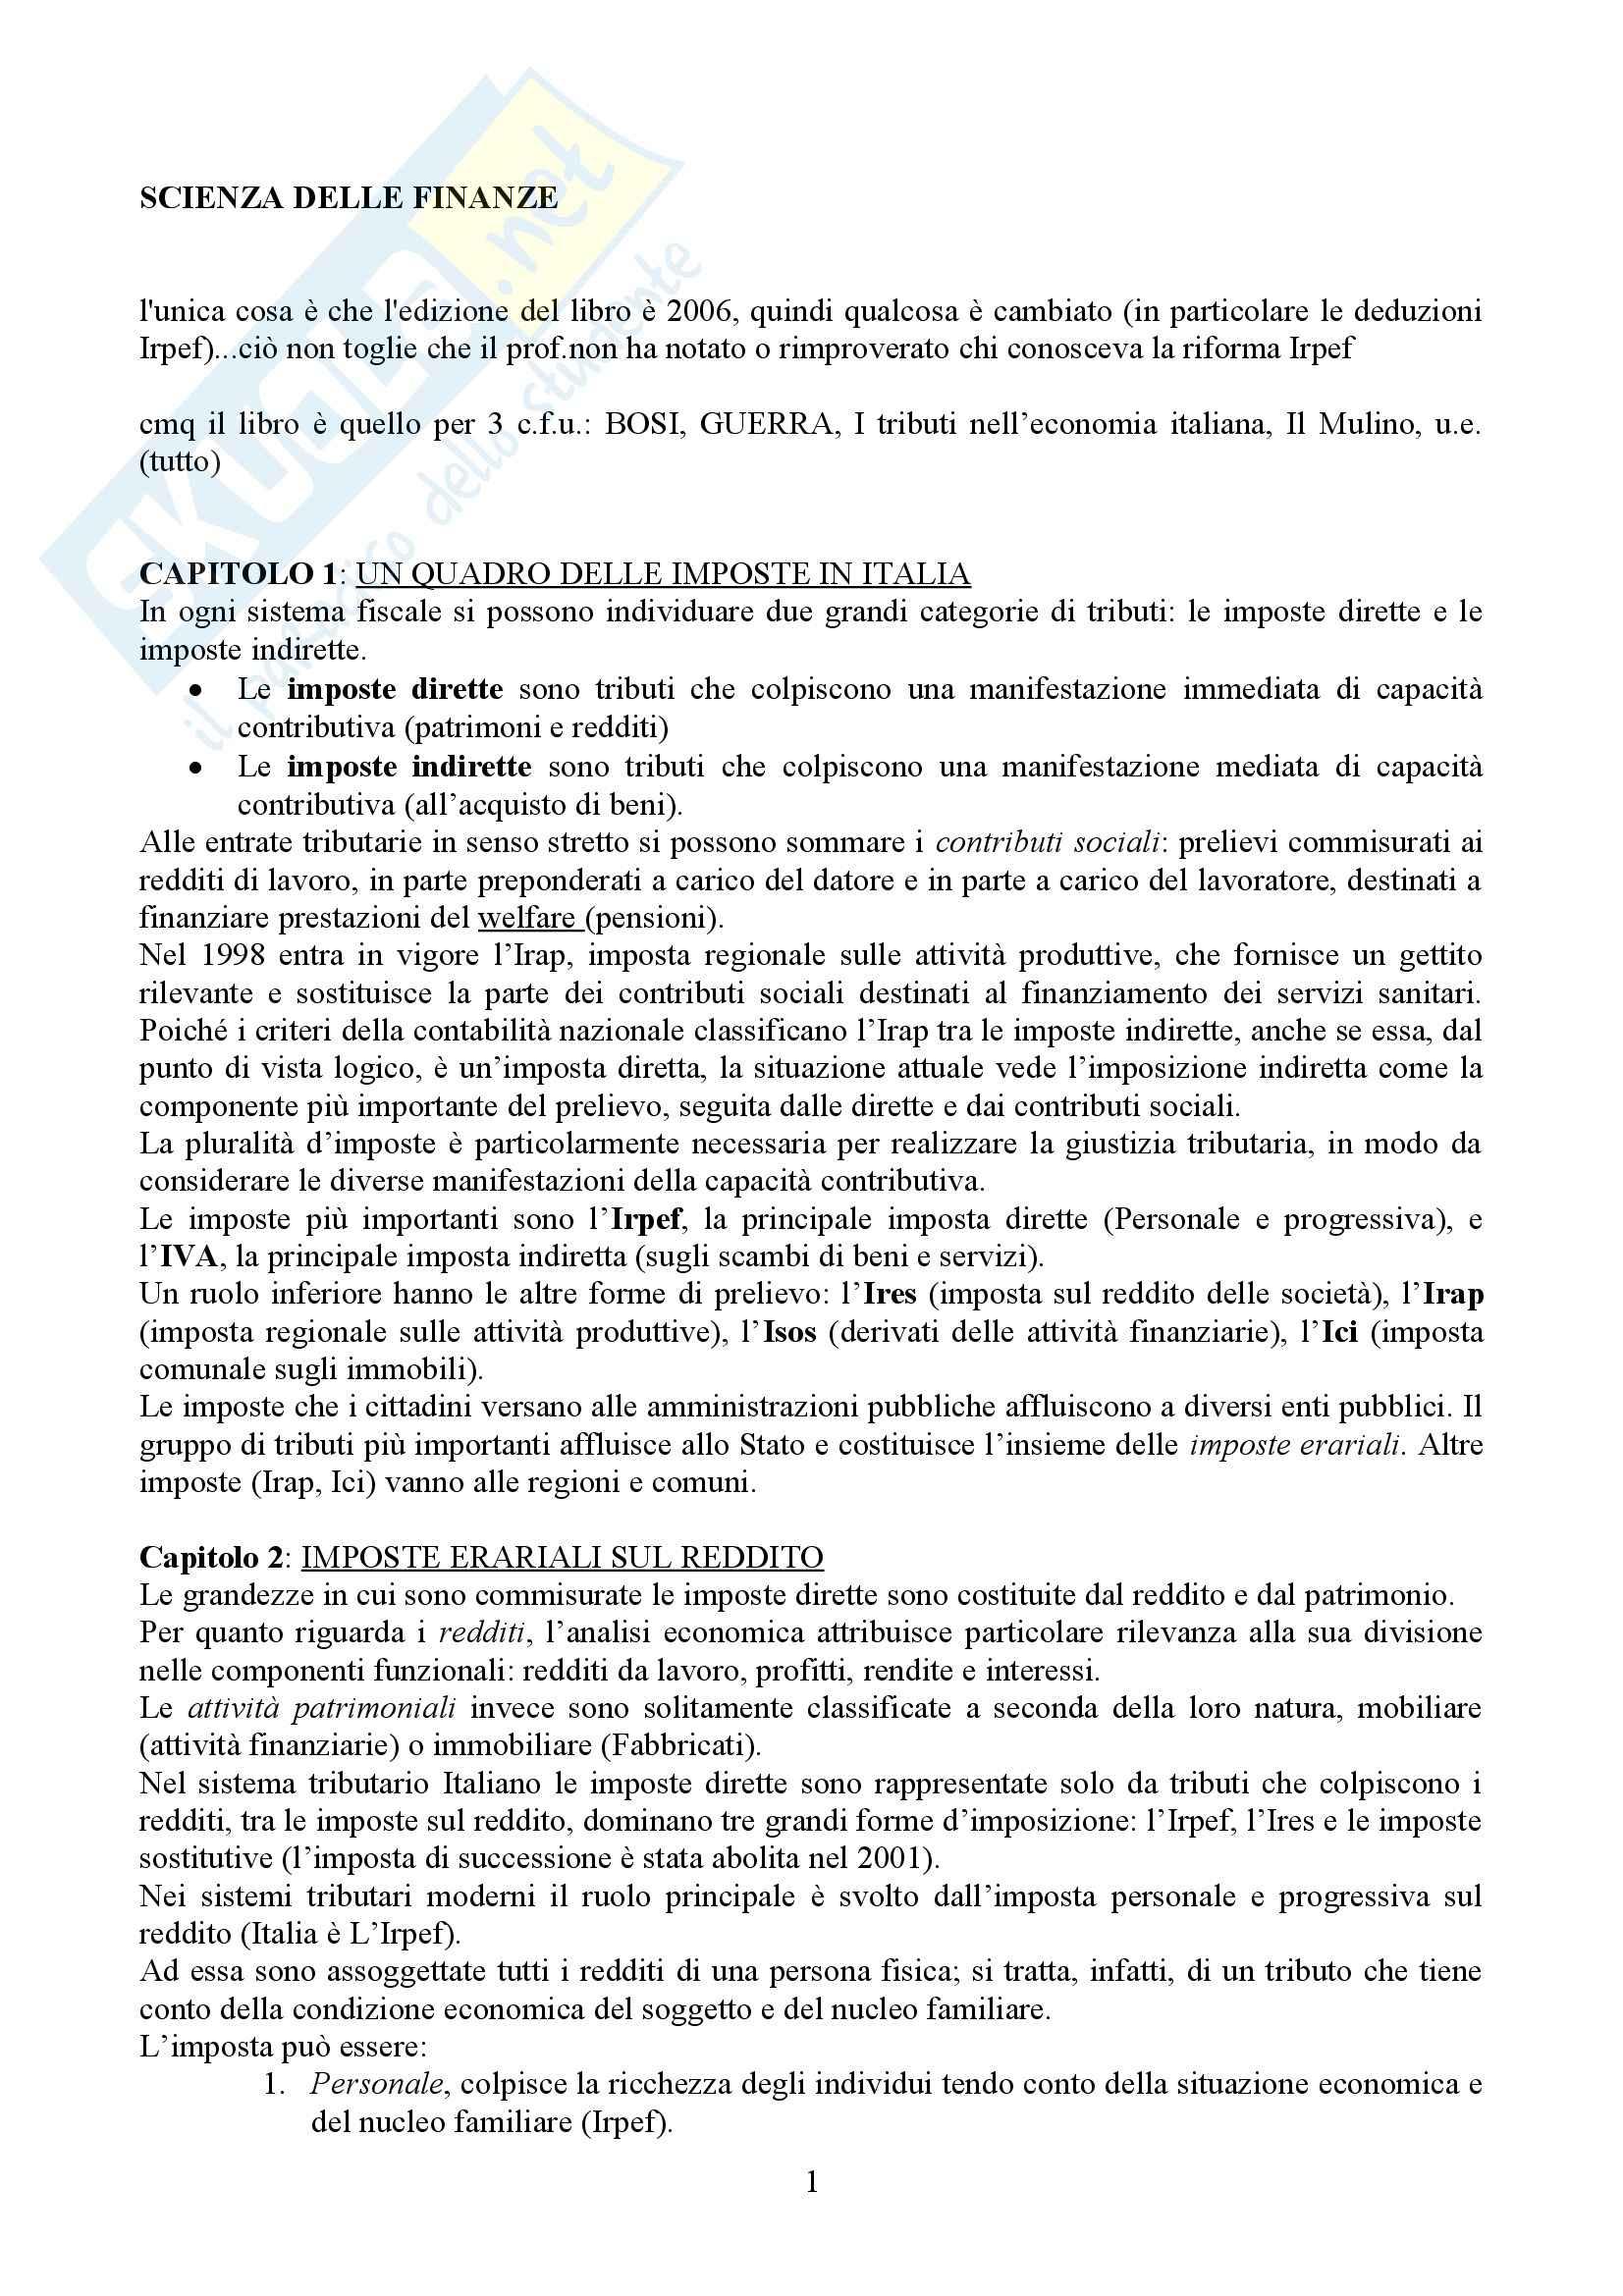 Tributi nell'economia italiana, Bosi, Guerra - Appunti